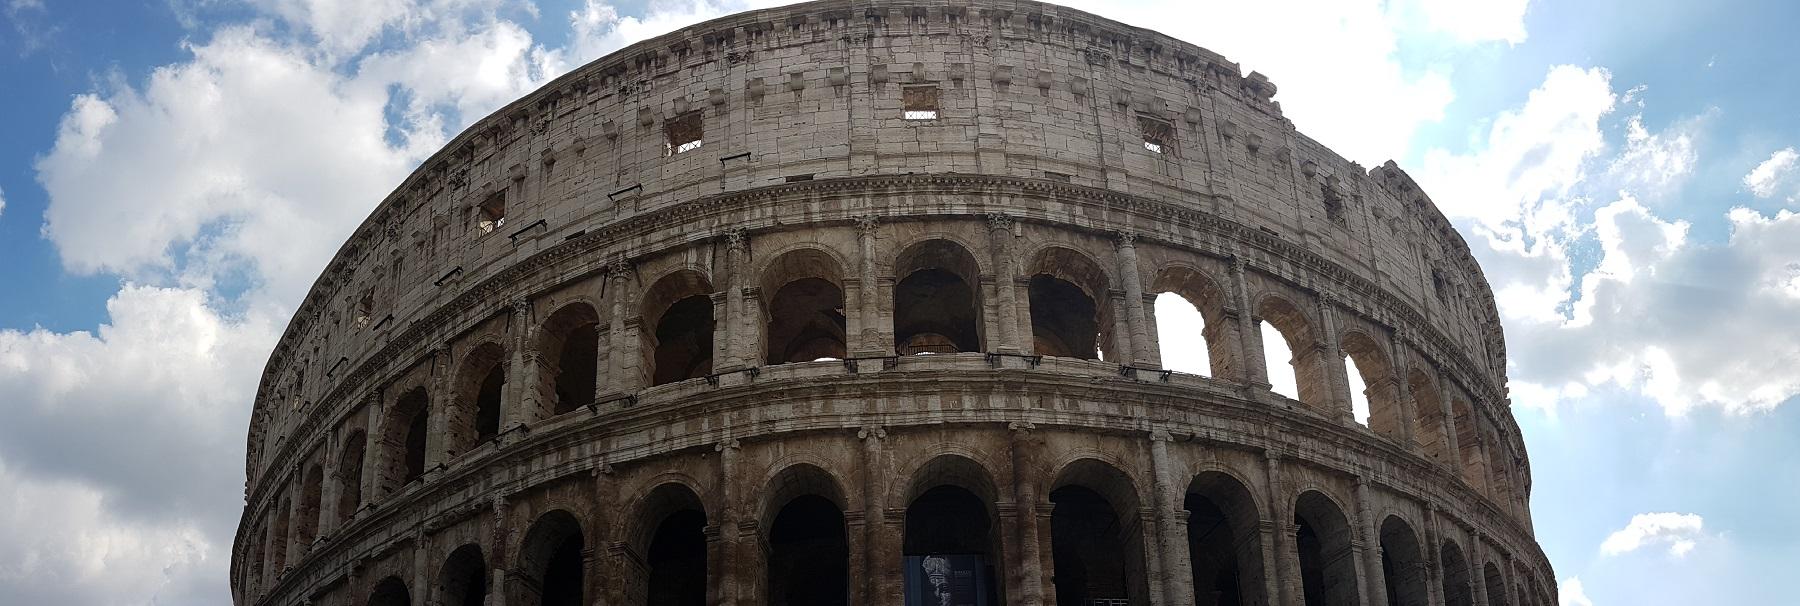 Rome (24) - 1800